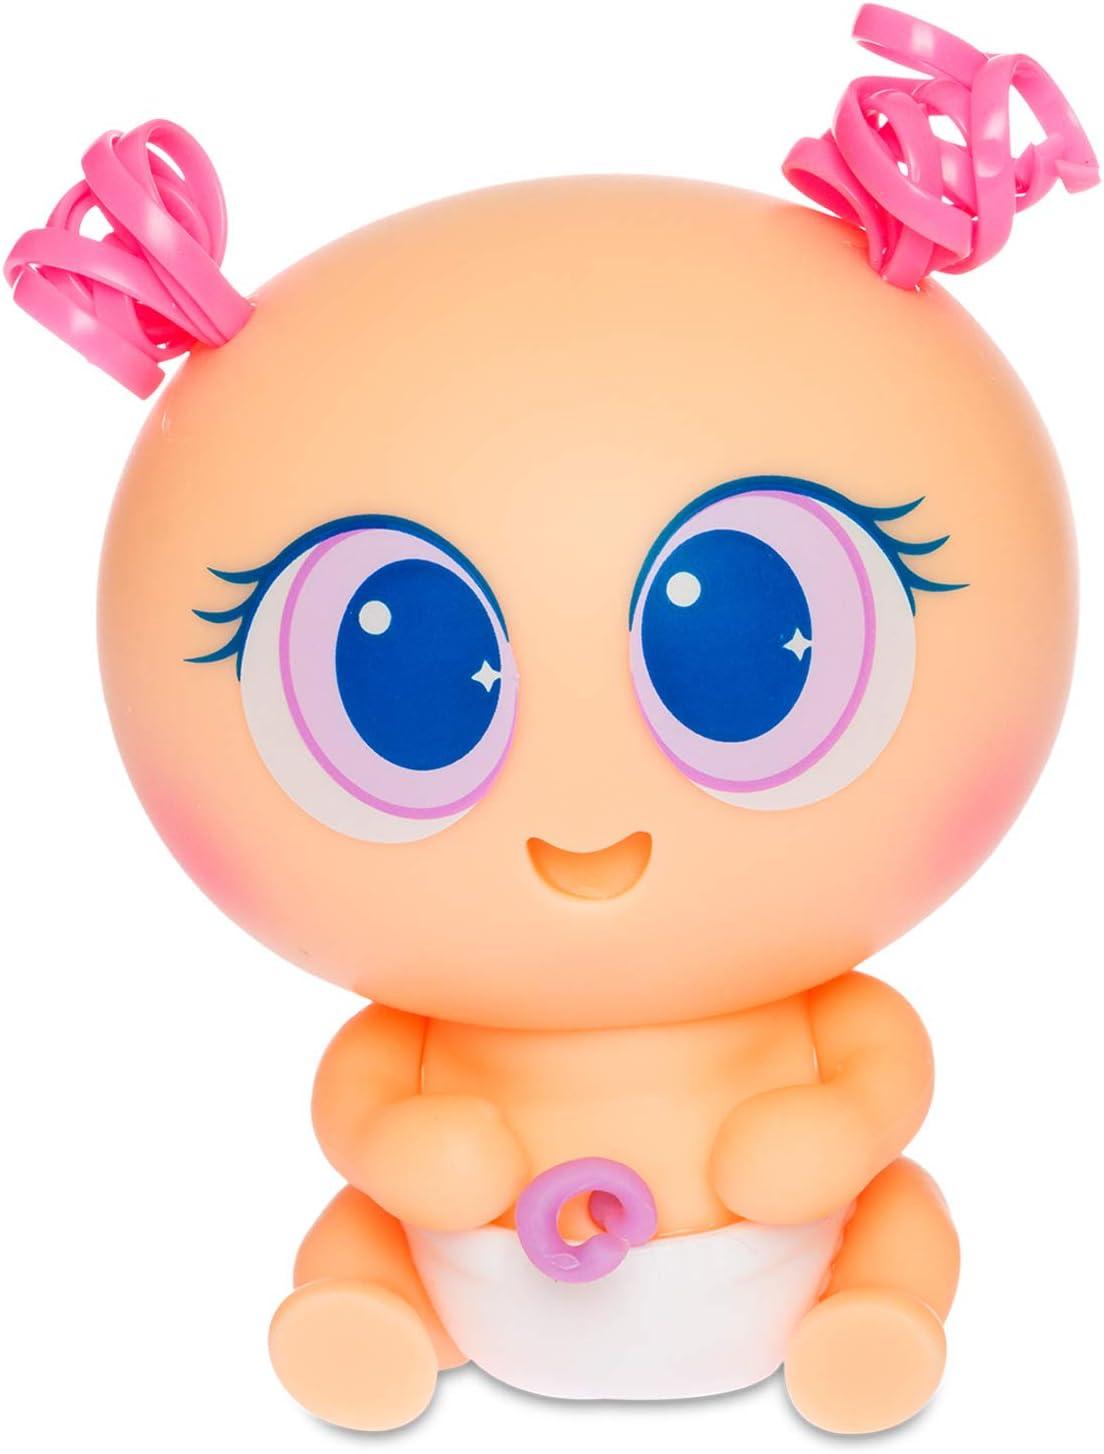 Authentic Nerlie Distroller Neonate Ksimerito Baby Ksi Pink Merito Machincuepa